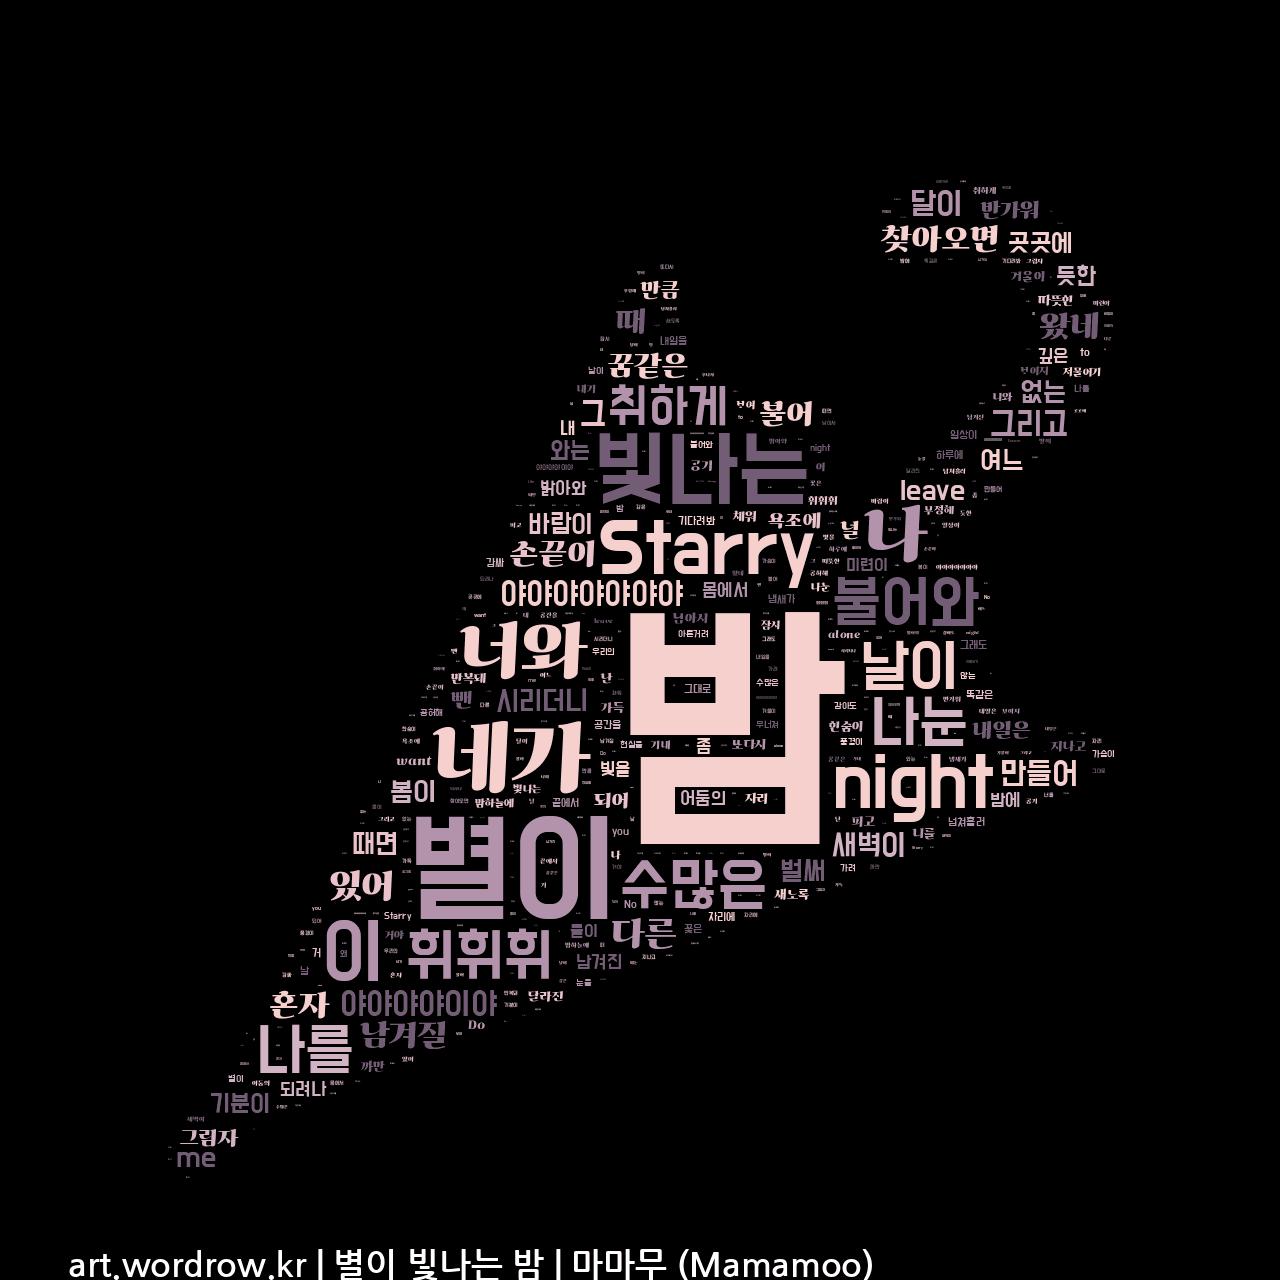 워드 클라우드: 별이 빛나는 밤 [마마무 (Mamamoo)]-35